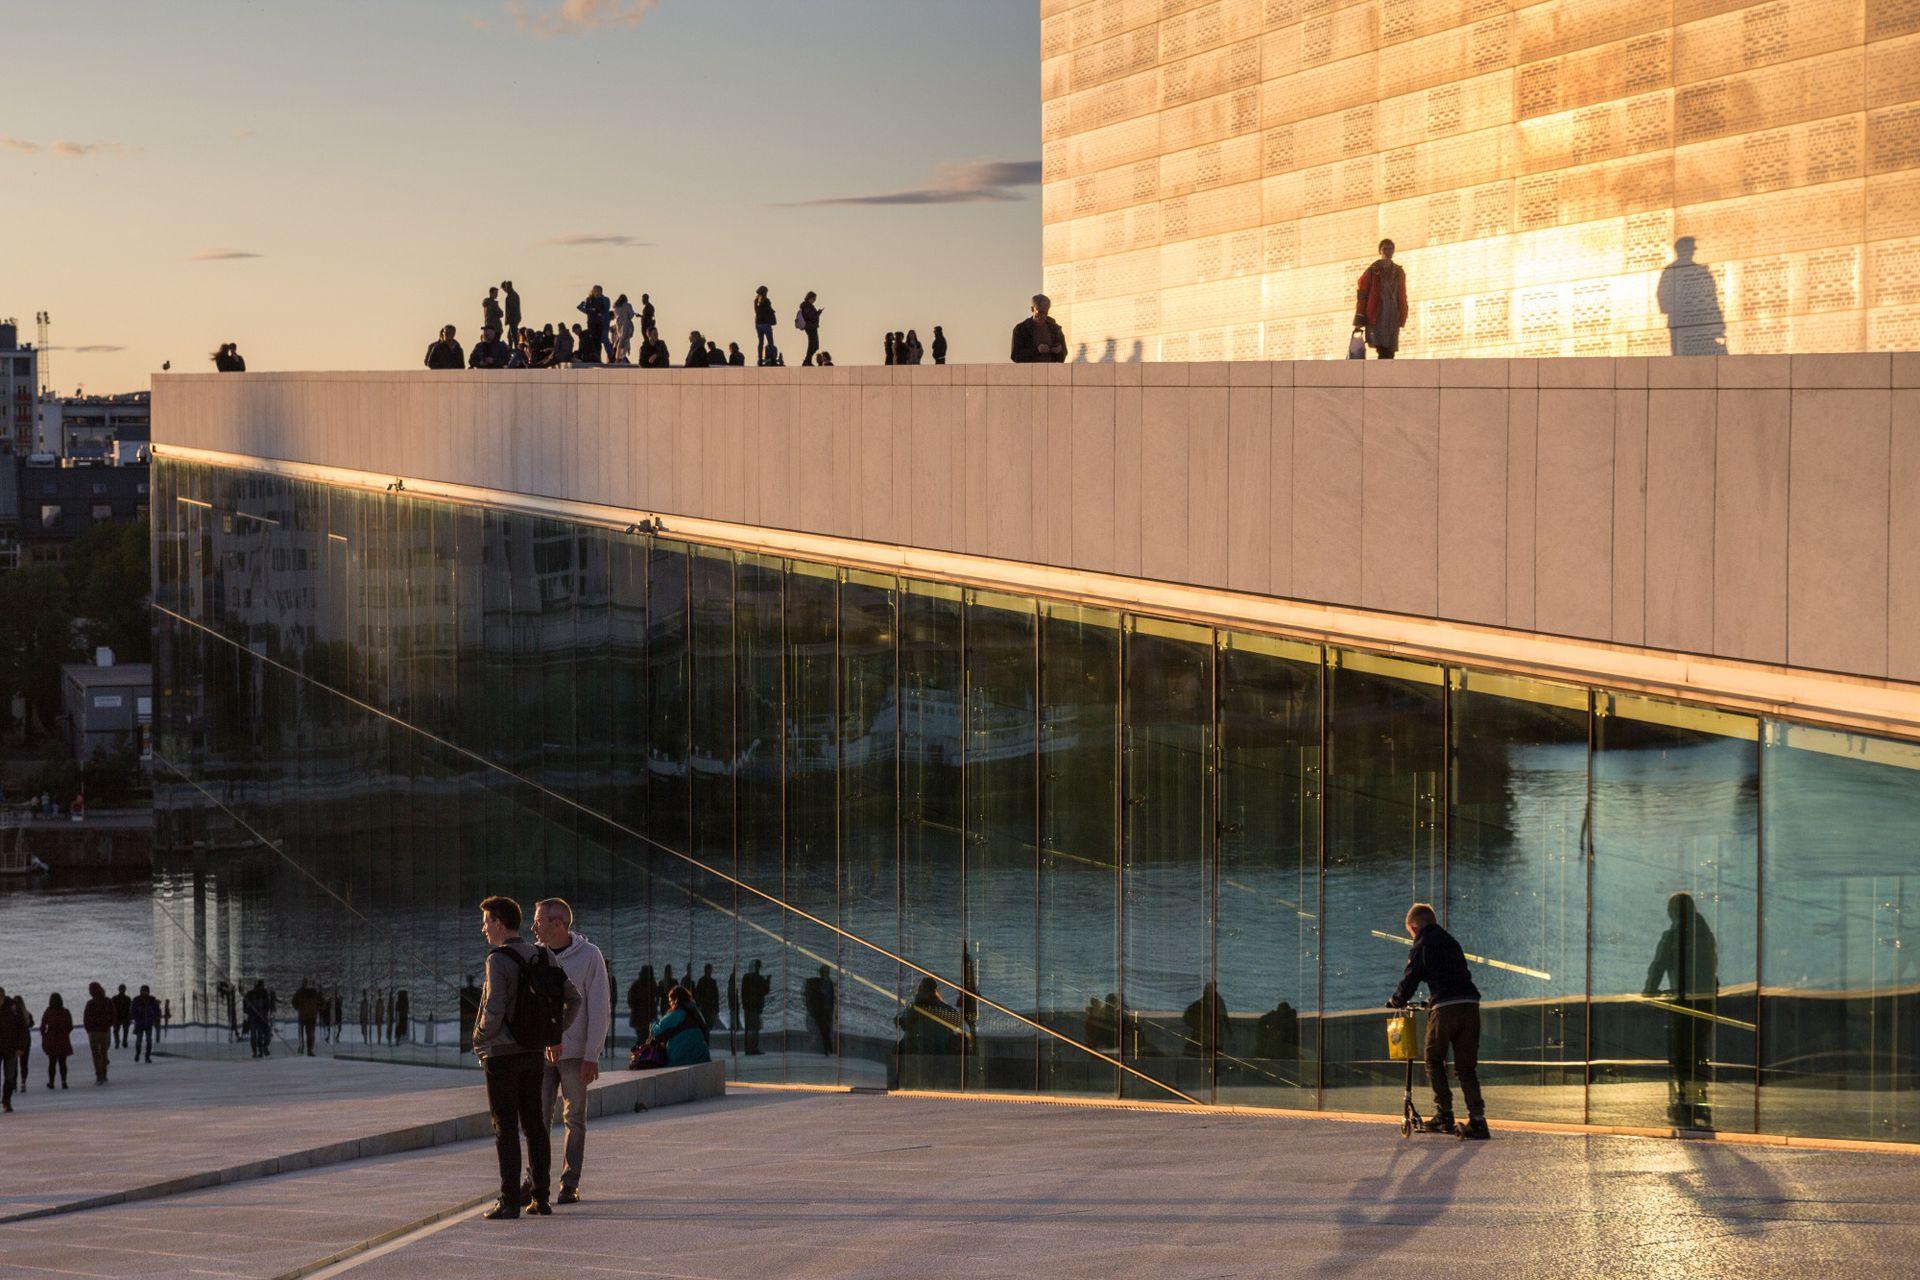 Atardecer en la Ópera de Oslo.